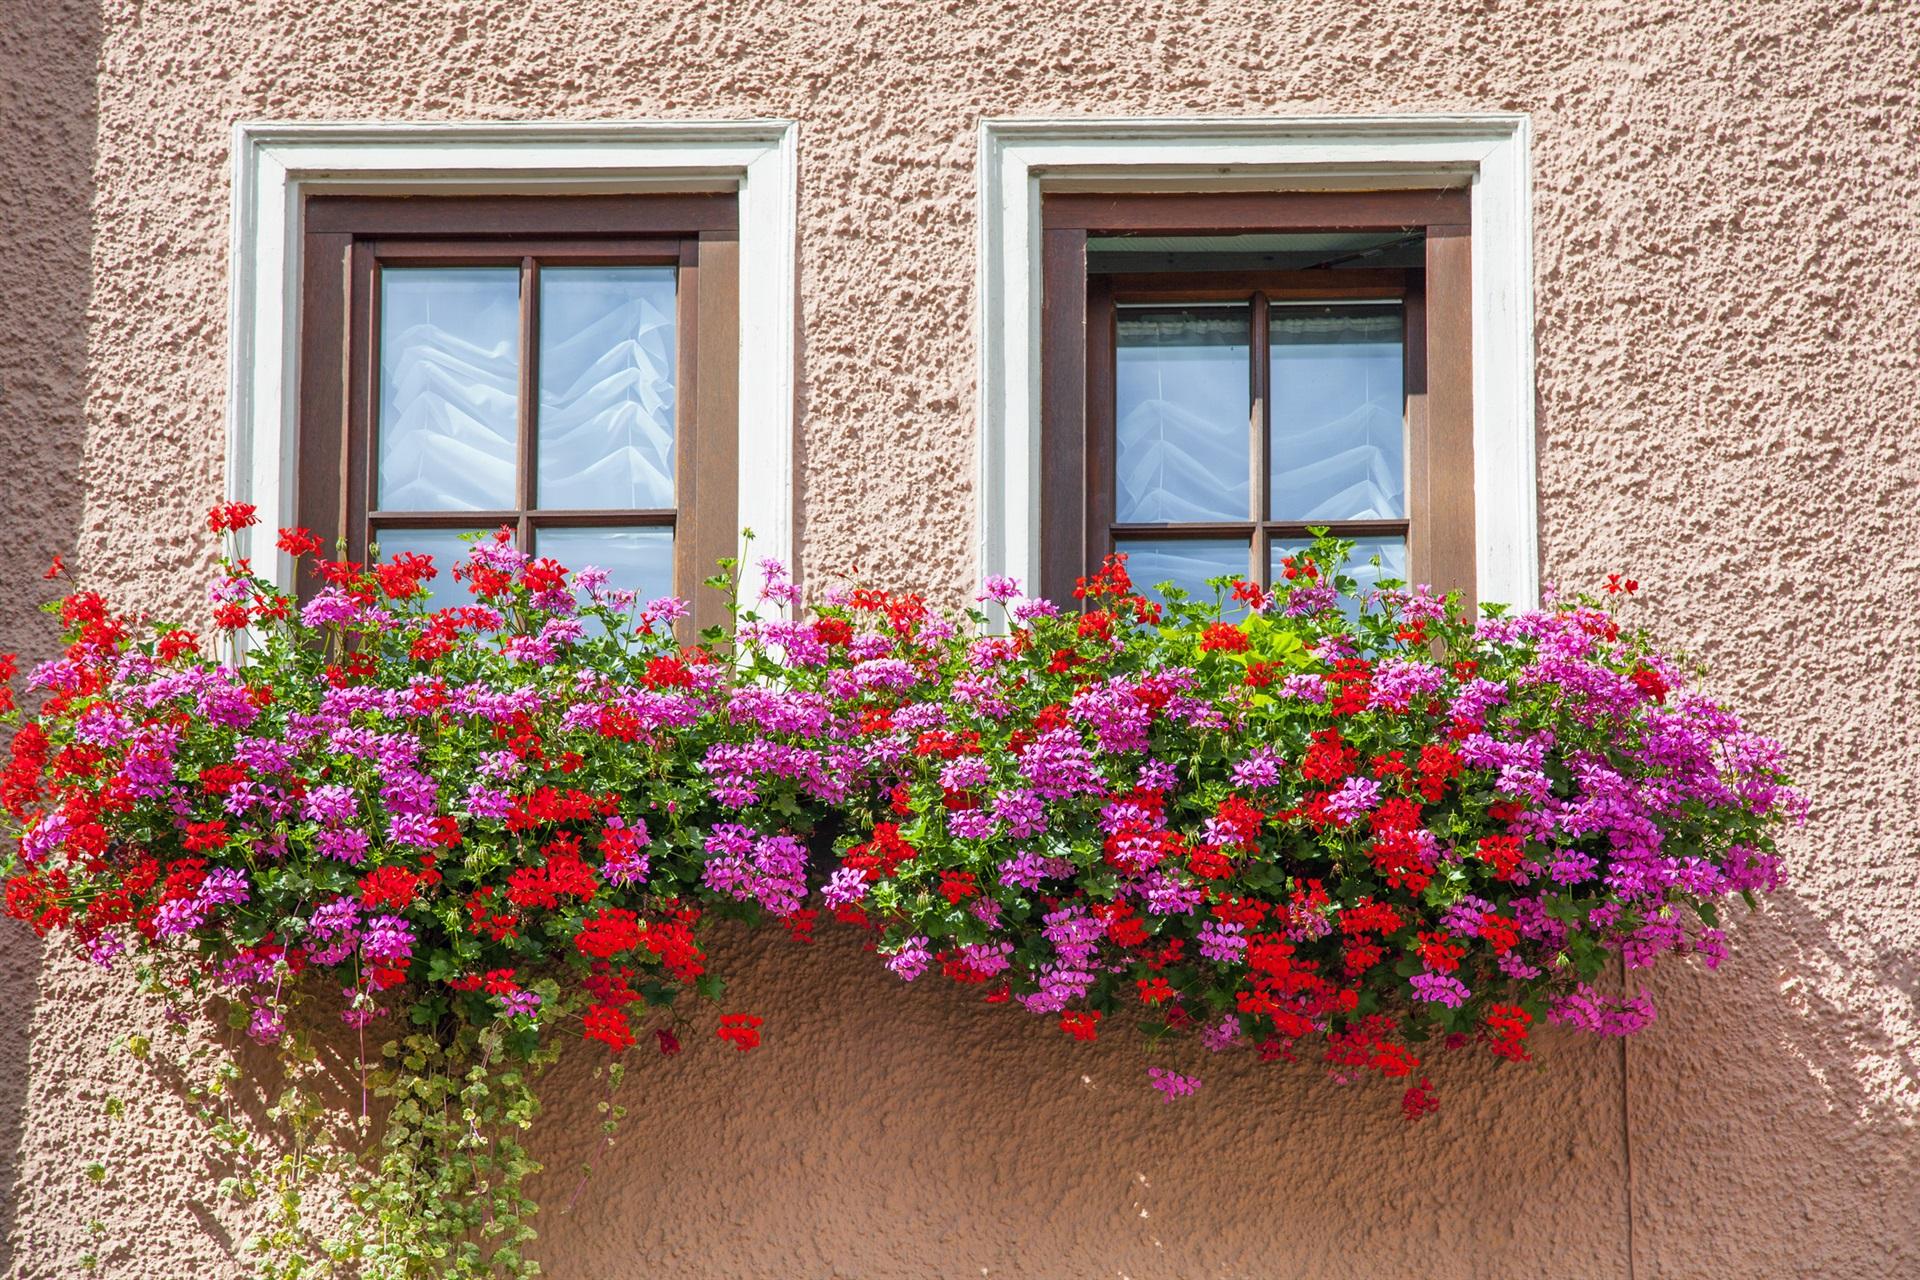 Corona virus, via libera alla vendita di fiori e piante - Notizie | TVL TV  Libera